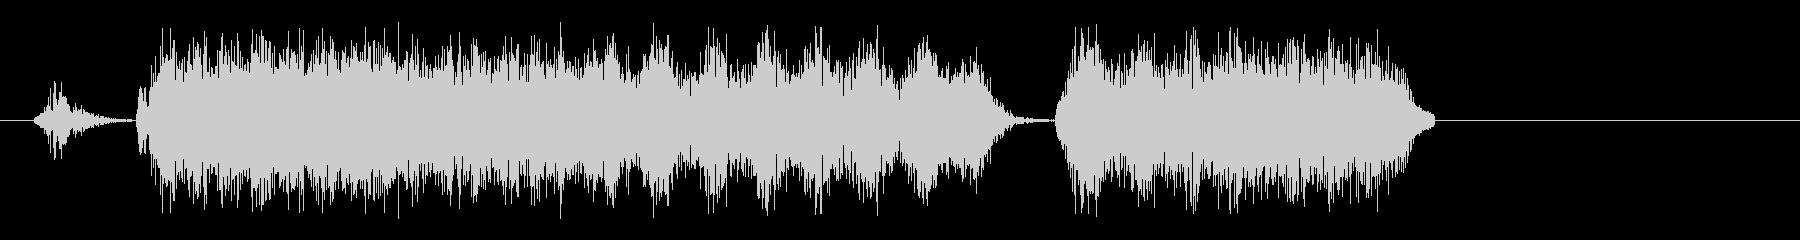 しゃしゃしゃ(重い空気を切り替えたい音)の未再生の波形